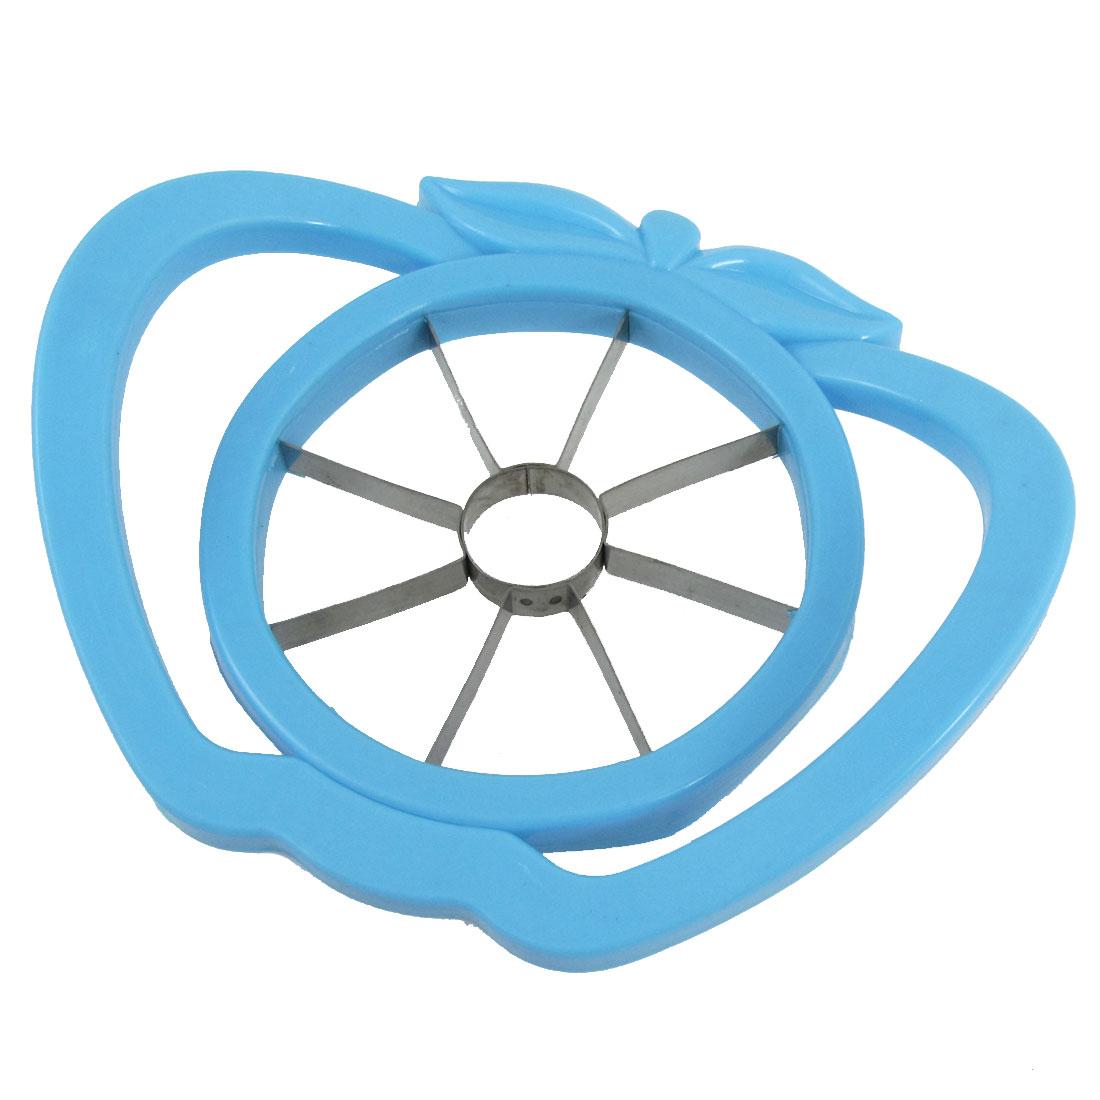 Blue Plastic Frame Metal Edge Milling Appler Shape Pear Corer Slicer Tool